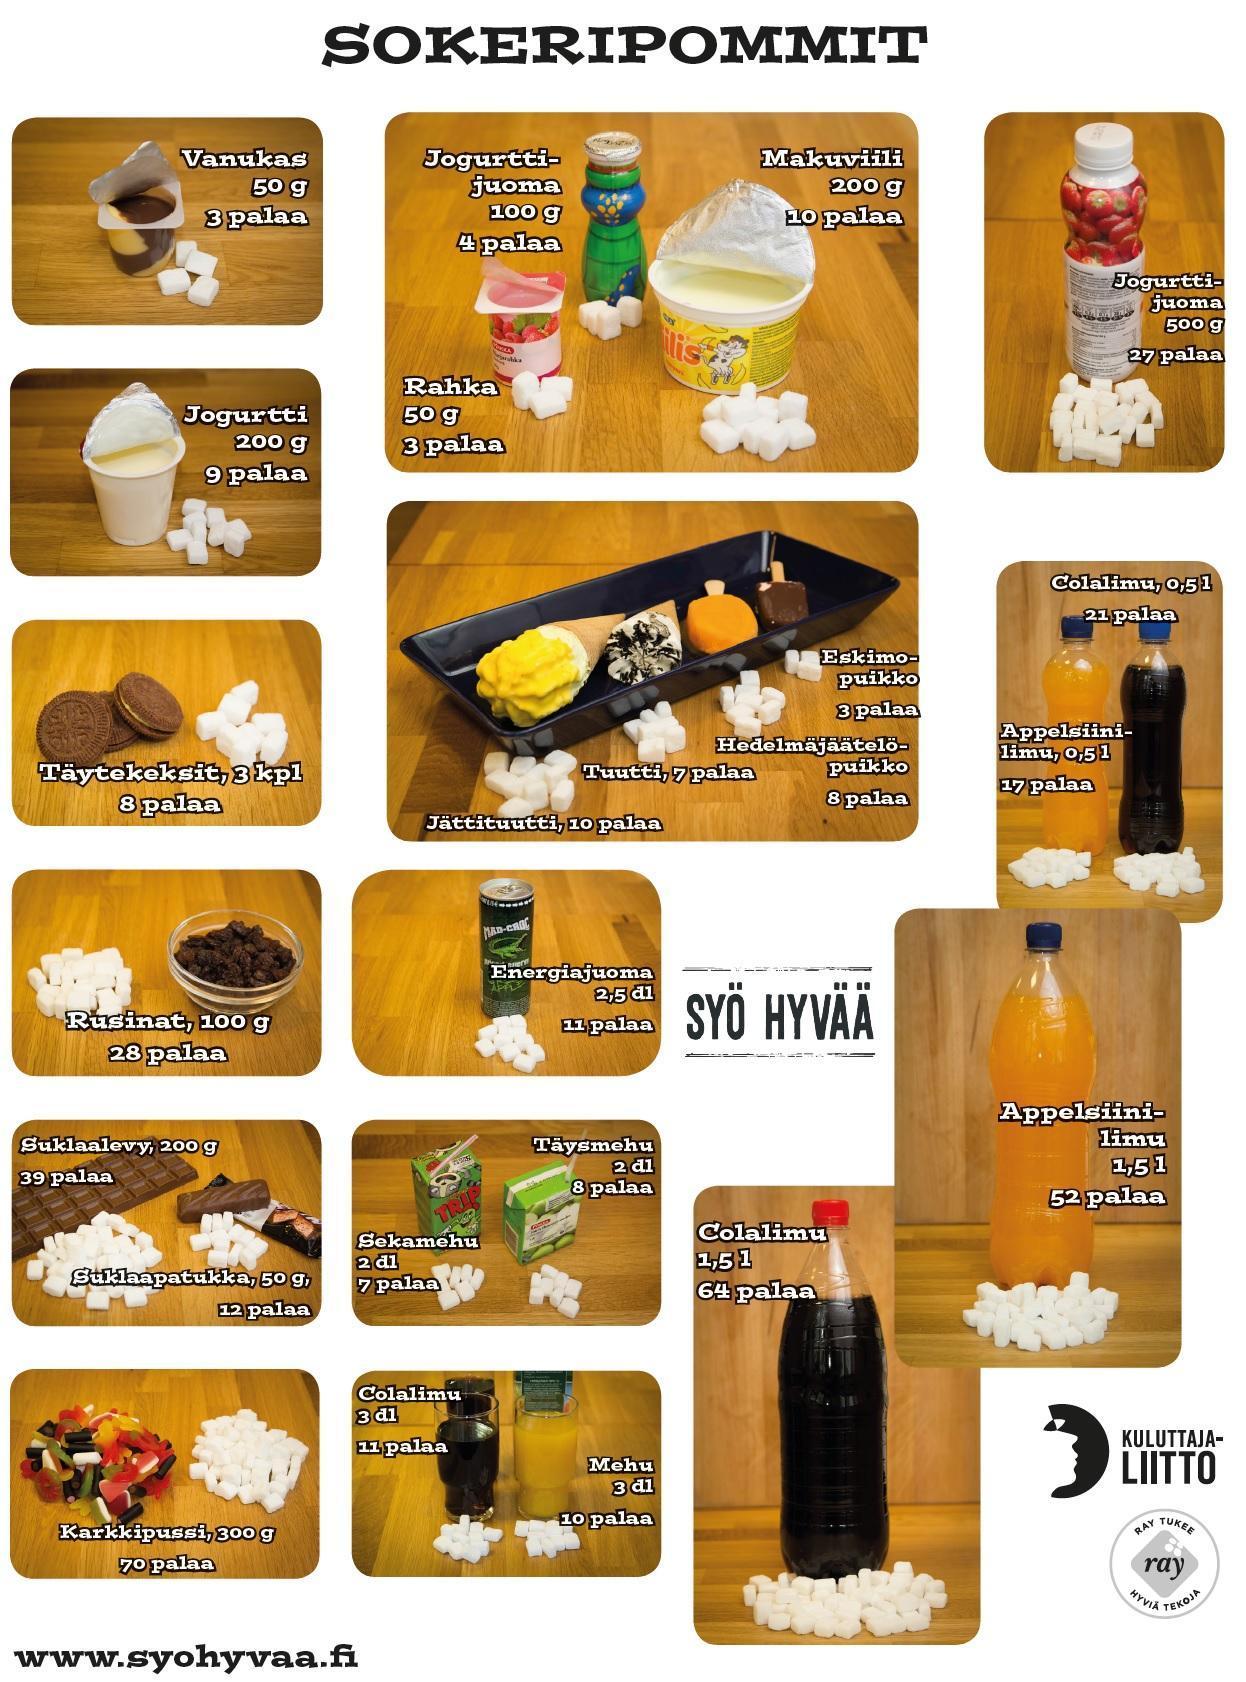 sokeripommit2